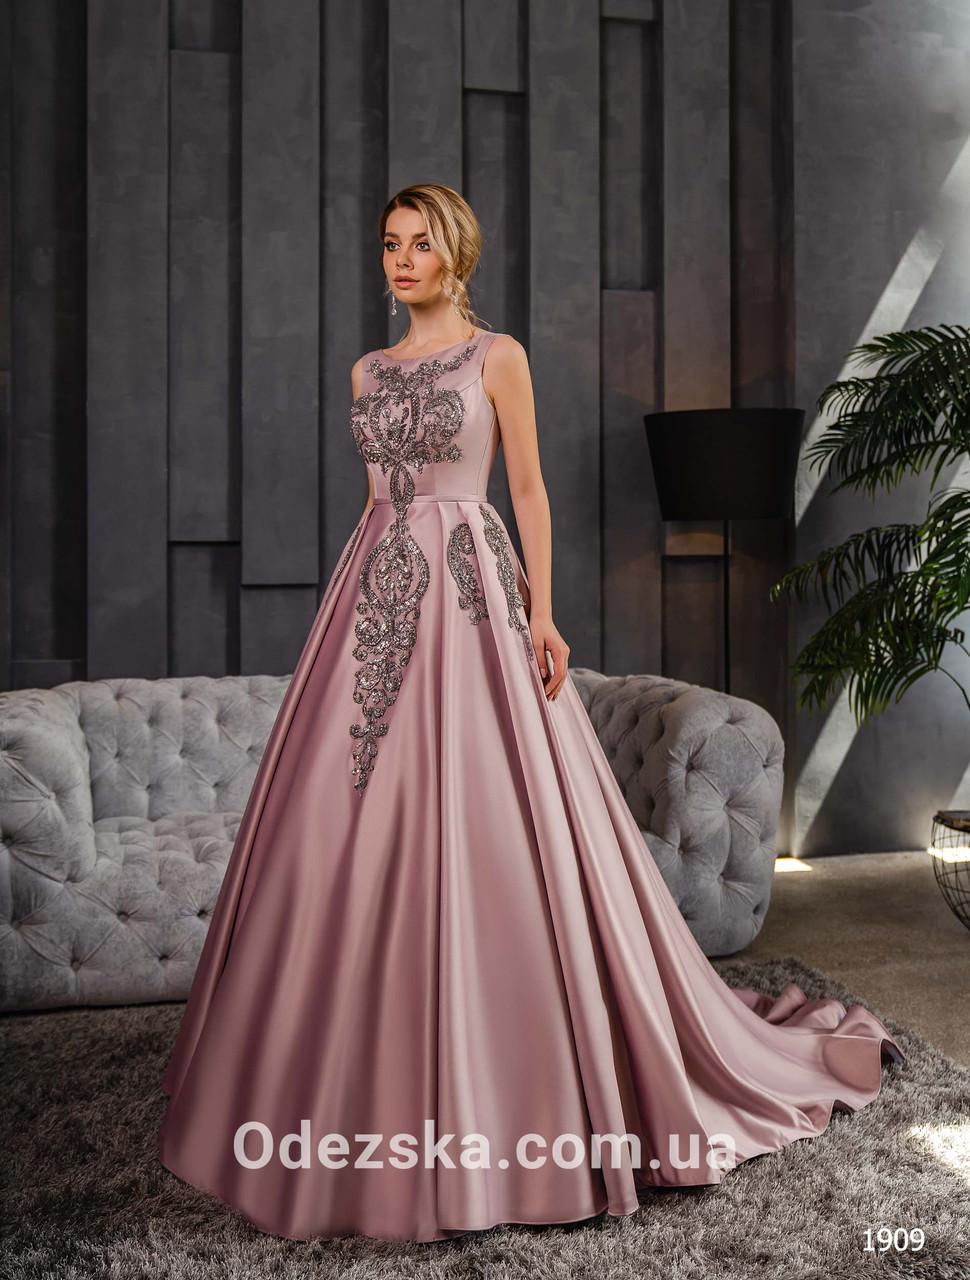 Пышное выпускное платье в пол